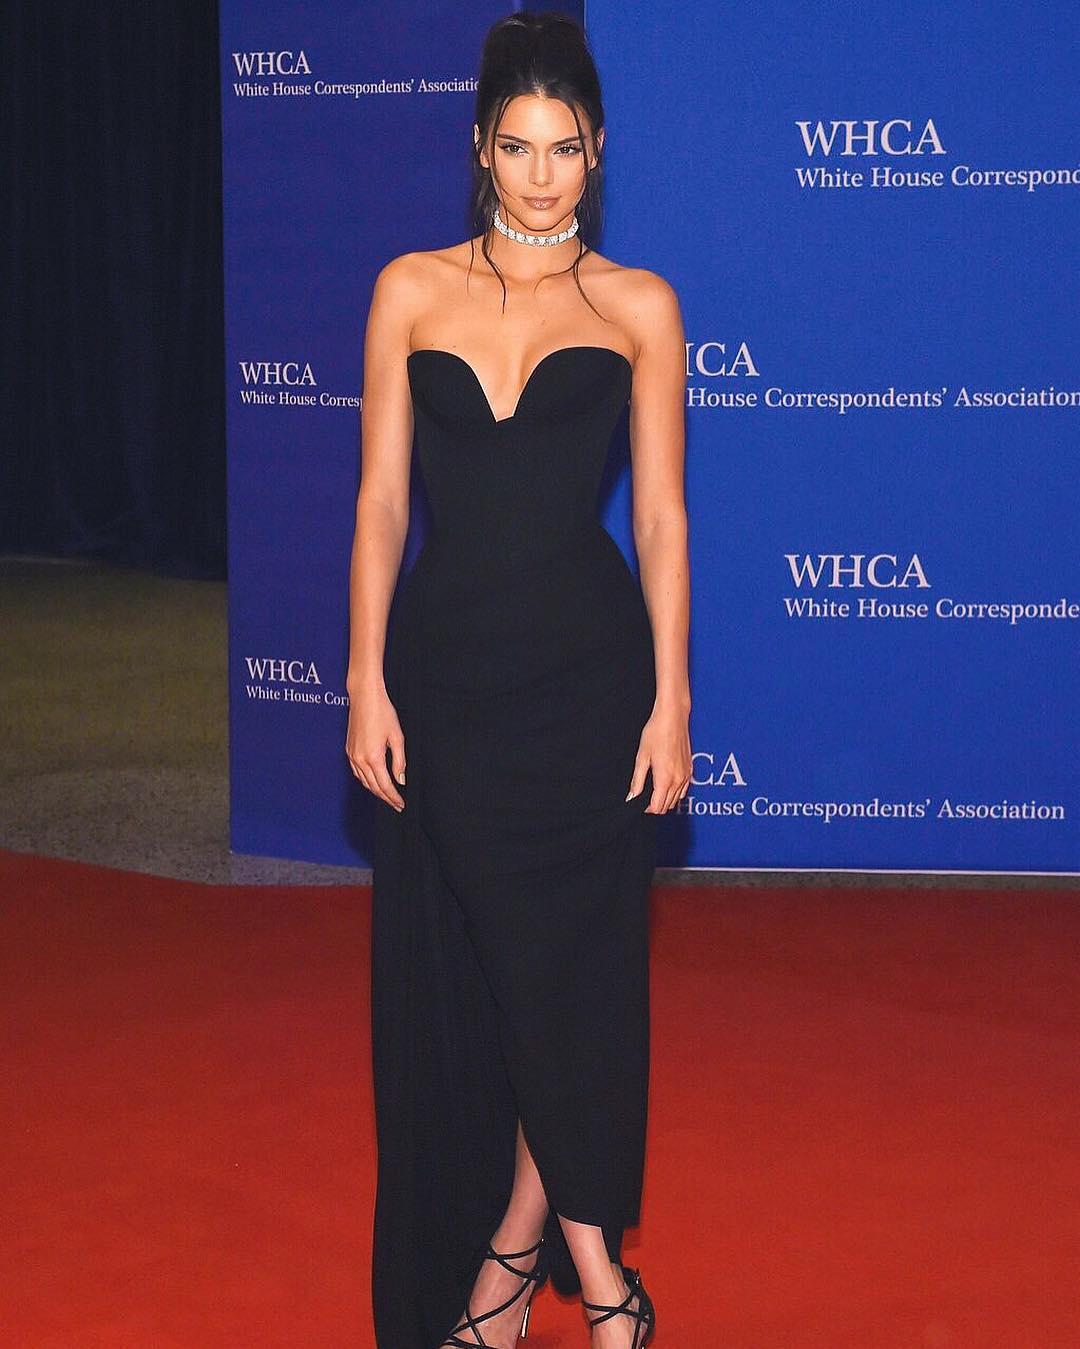 Başarılı model Kendall Jenner sexy göğüs dekolteli siyah elbisesi ve kusursuz güzelliği ile çok dikkat çekti. HD foto galeriyi görüntülemek için tıklayın.